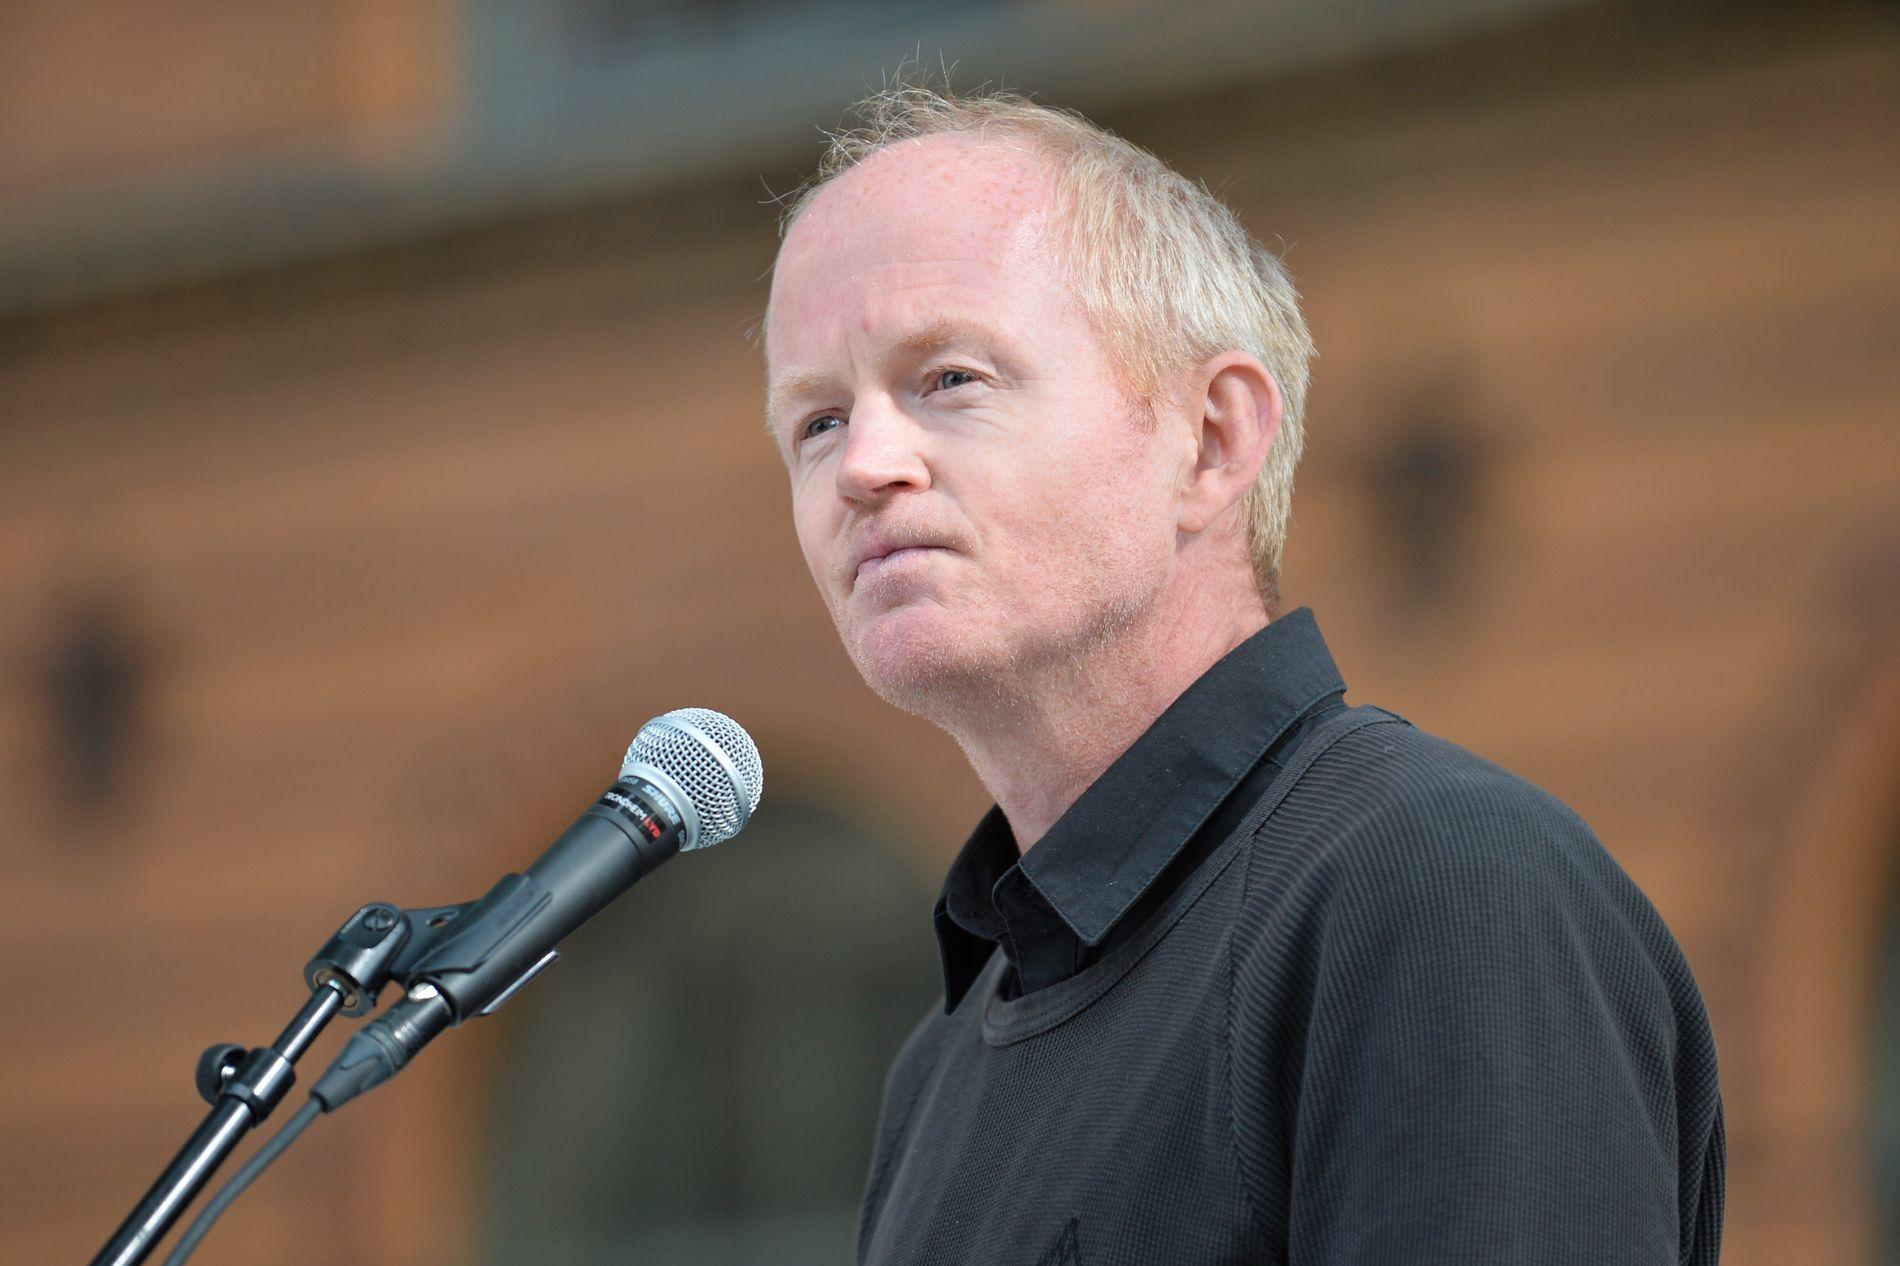 STORTINGSPOLITIKER: SV-politikeren Lars Haltbrekken var på scenen under støttemarkeringen.